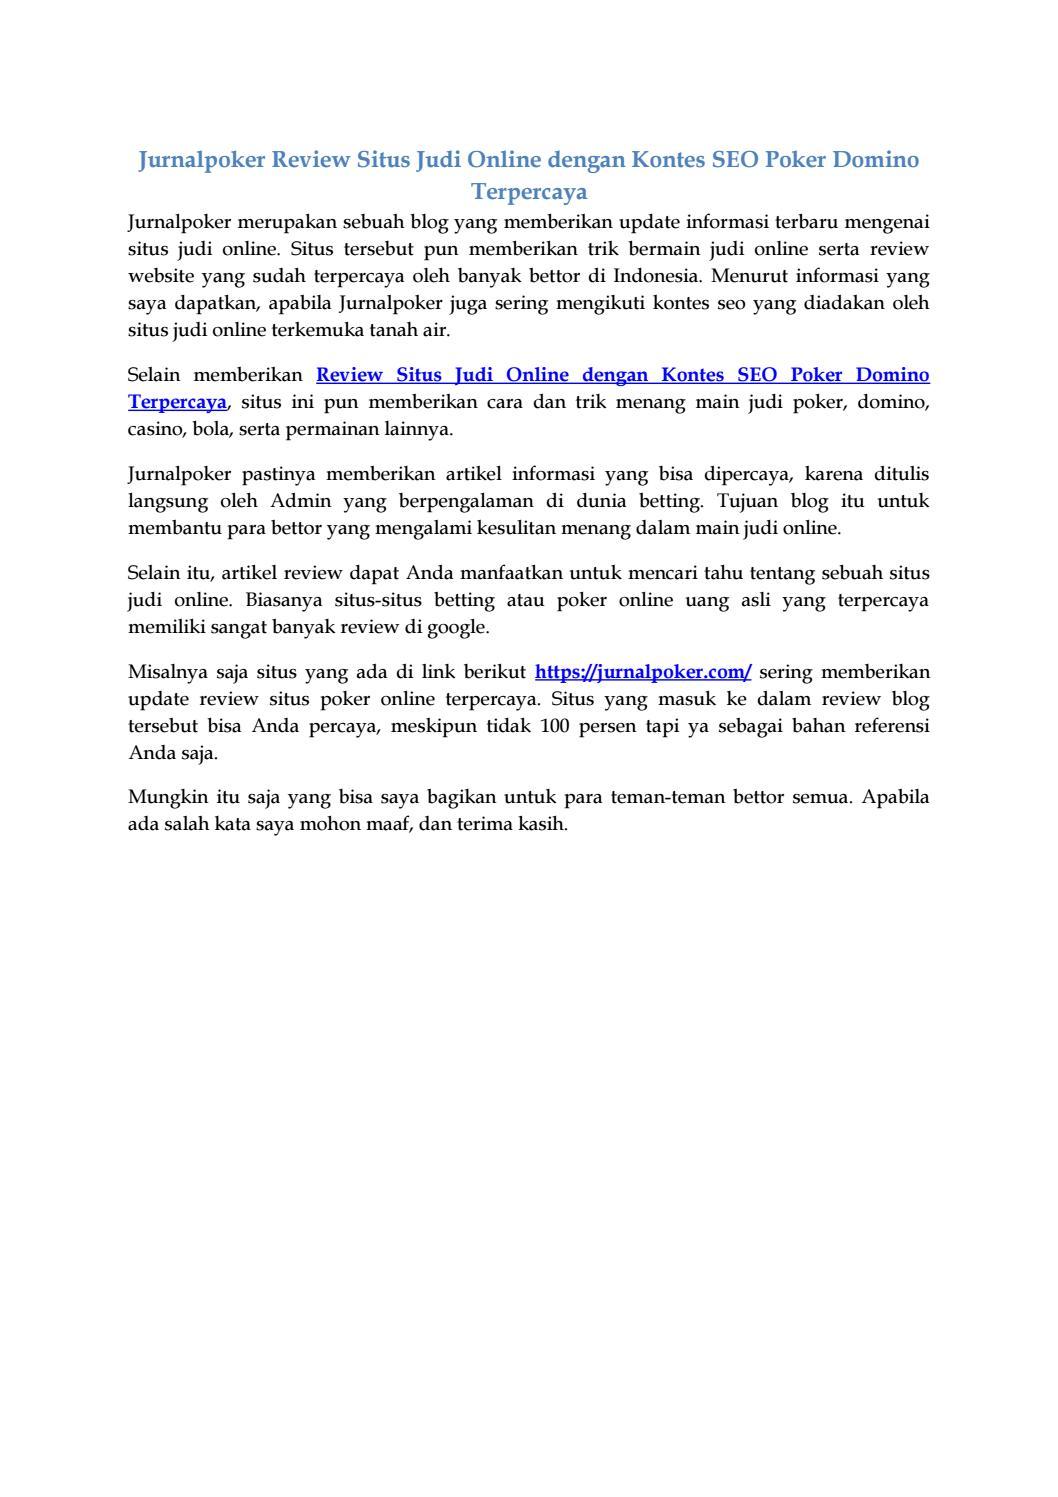 Review Situs Judi Online Dengan Kontes Seo Poker Domino Terpercaya By Jananurjadin72 Issuu